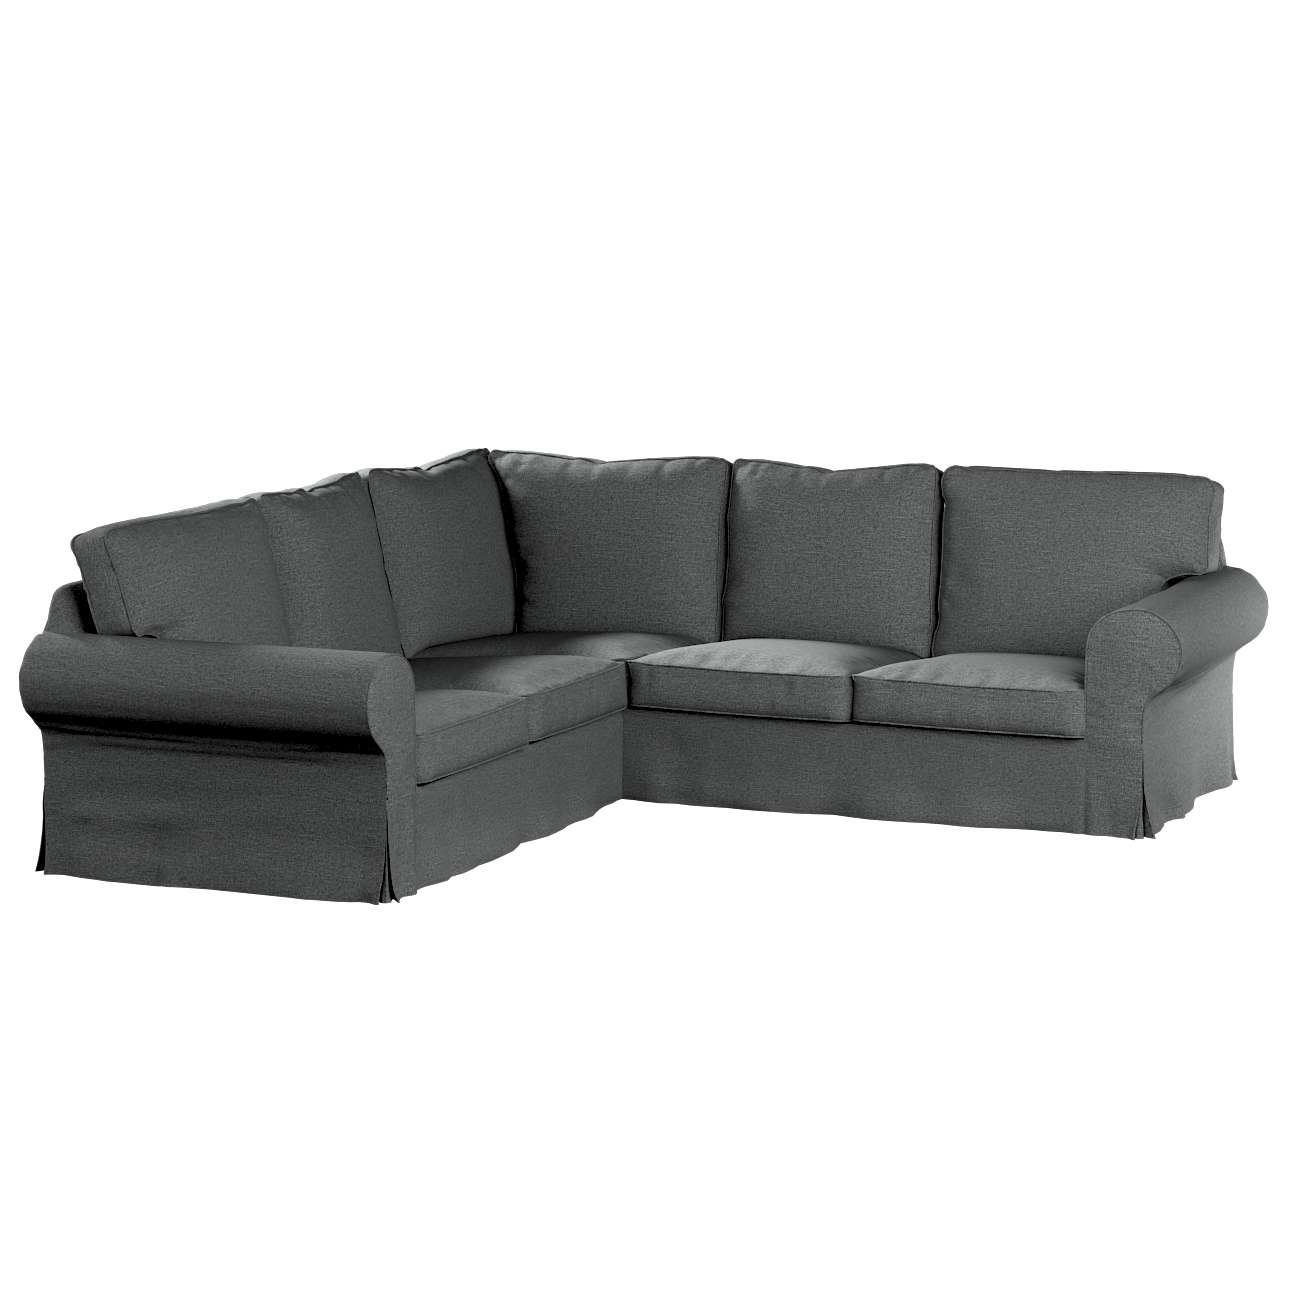 Pokrowiec na sofę narożną Ektorp w kolekcji Madrid, tkanina: 161-24